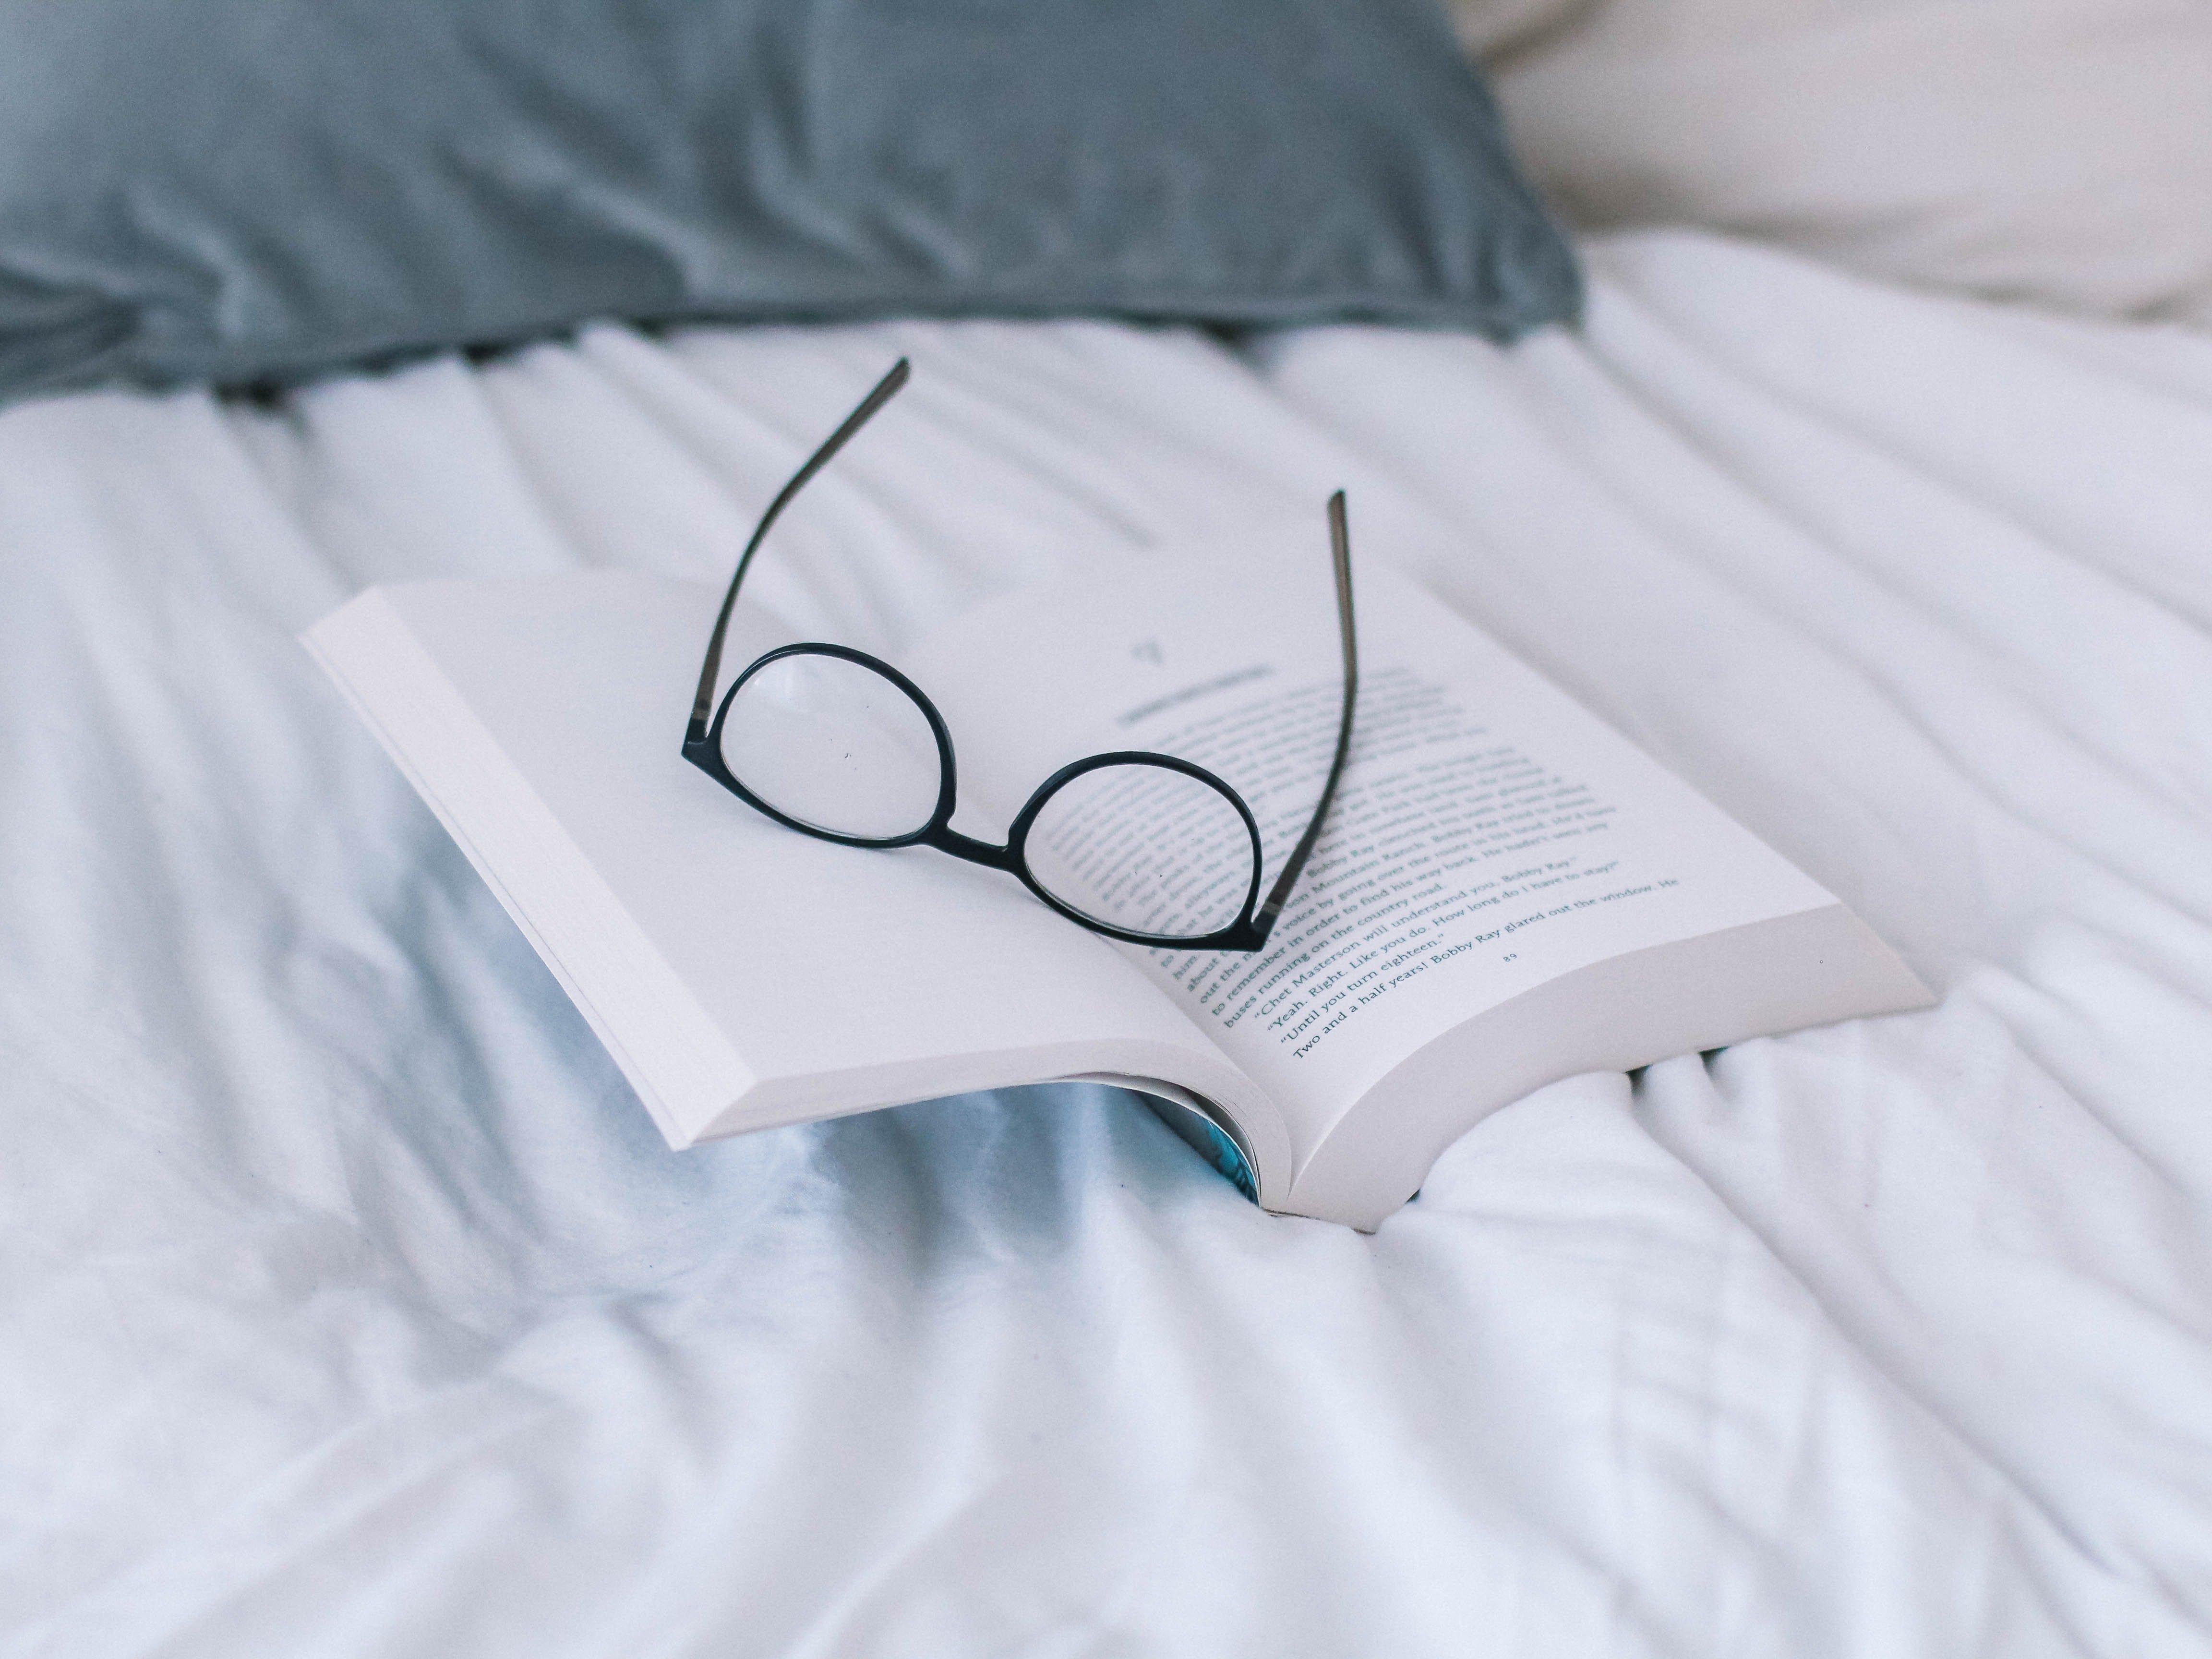 leer-lectura-libro-tiempo-libre